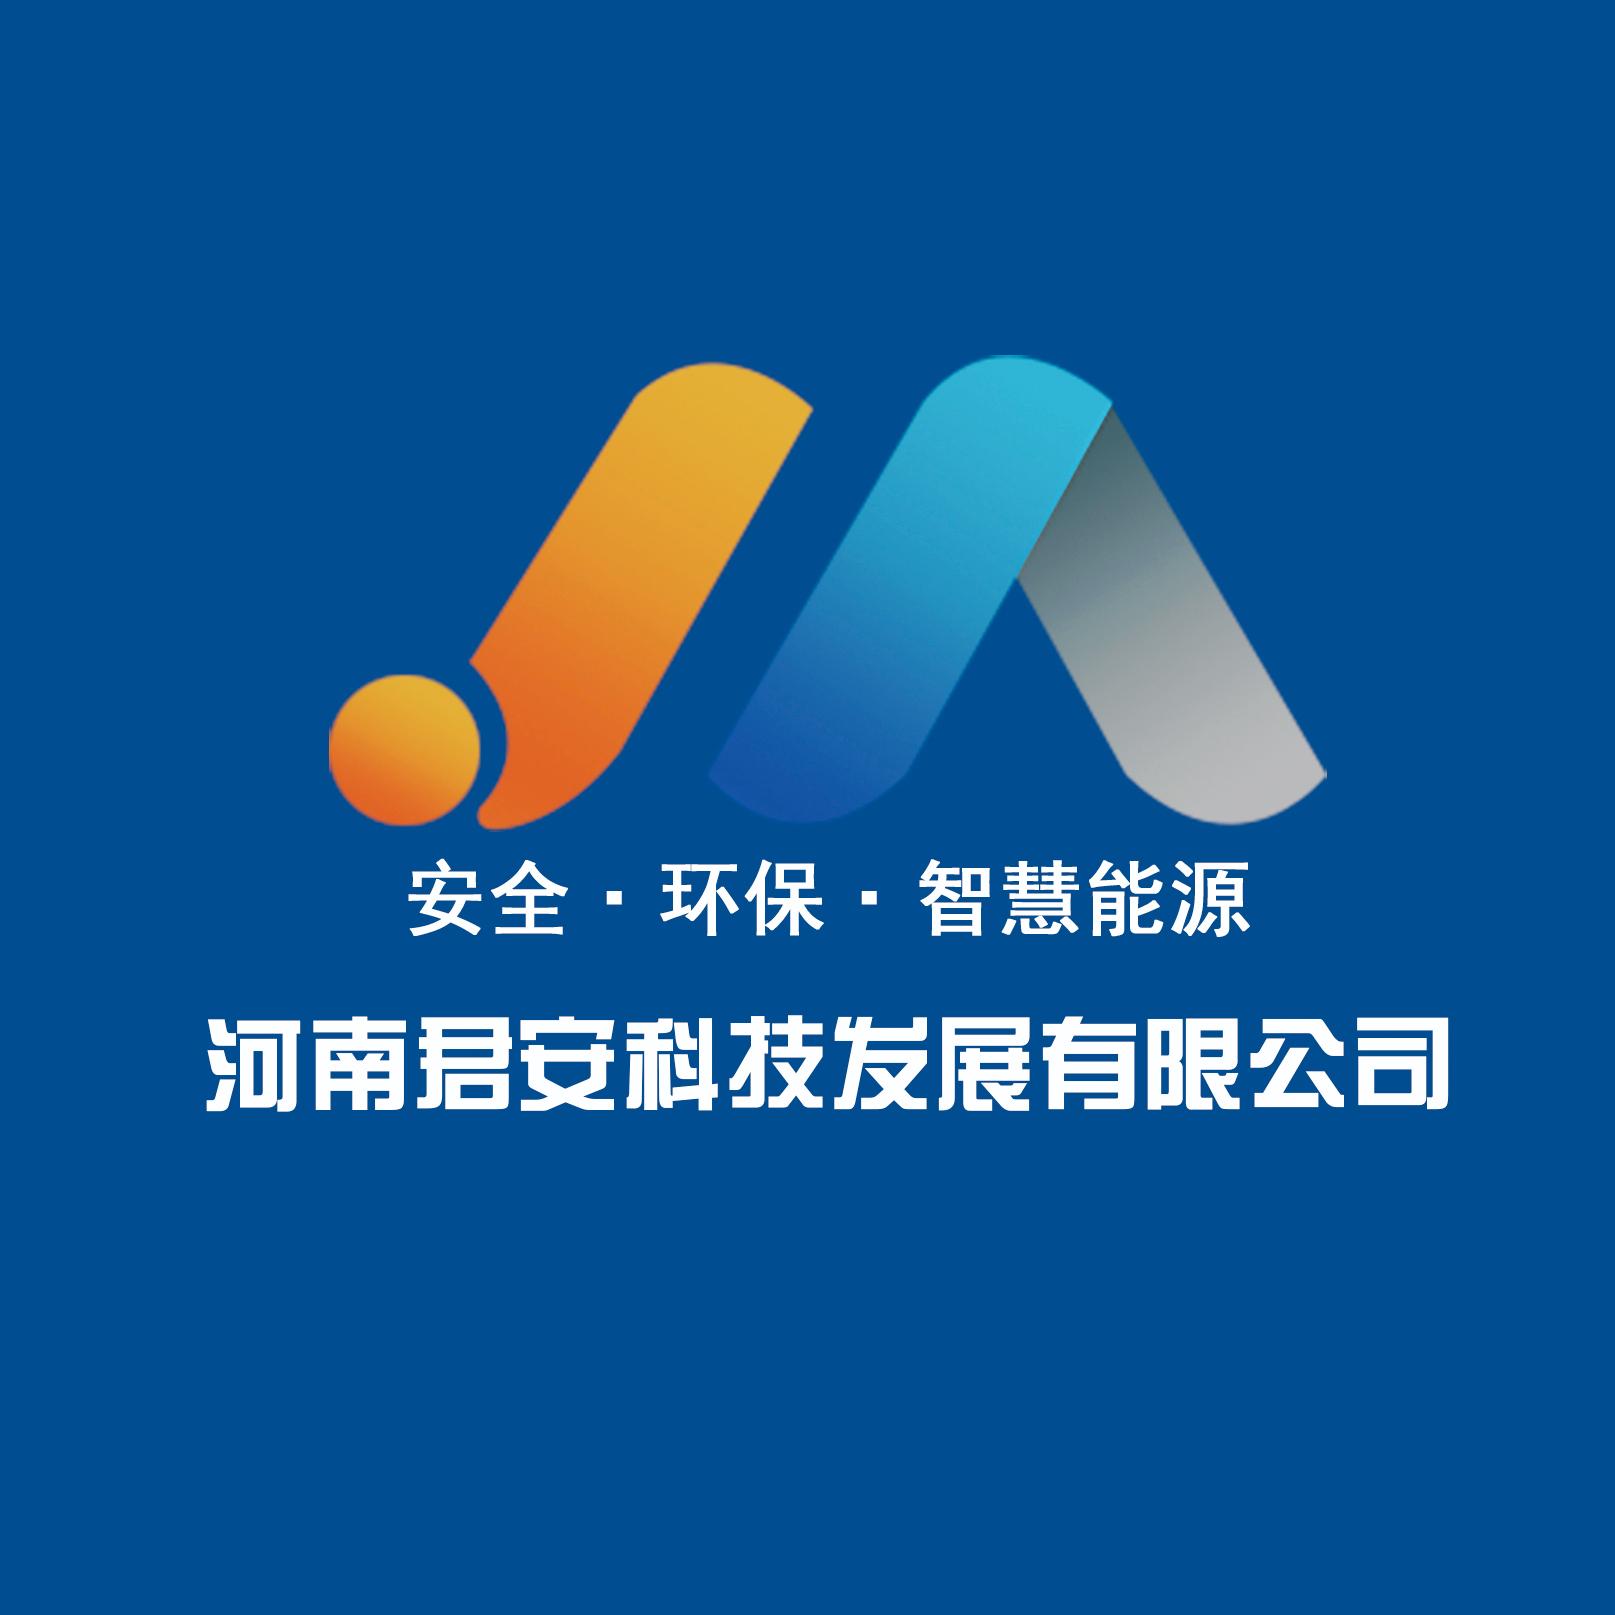 河南君安科技发展有限公司